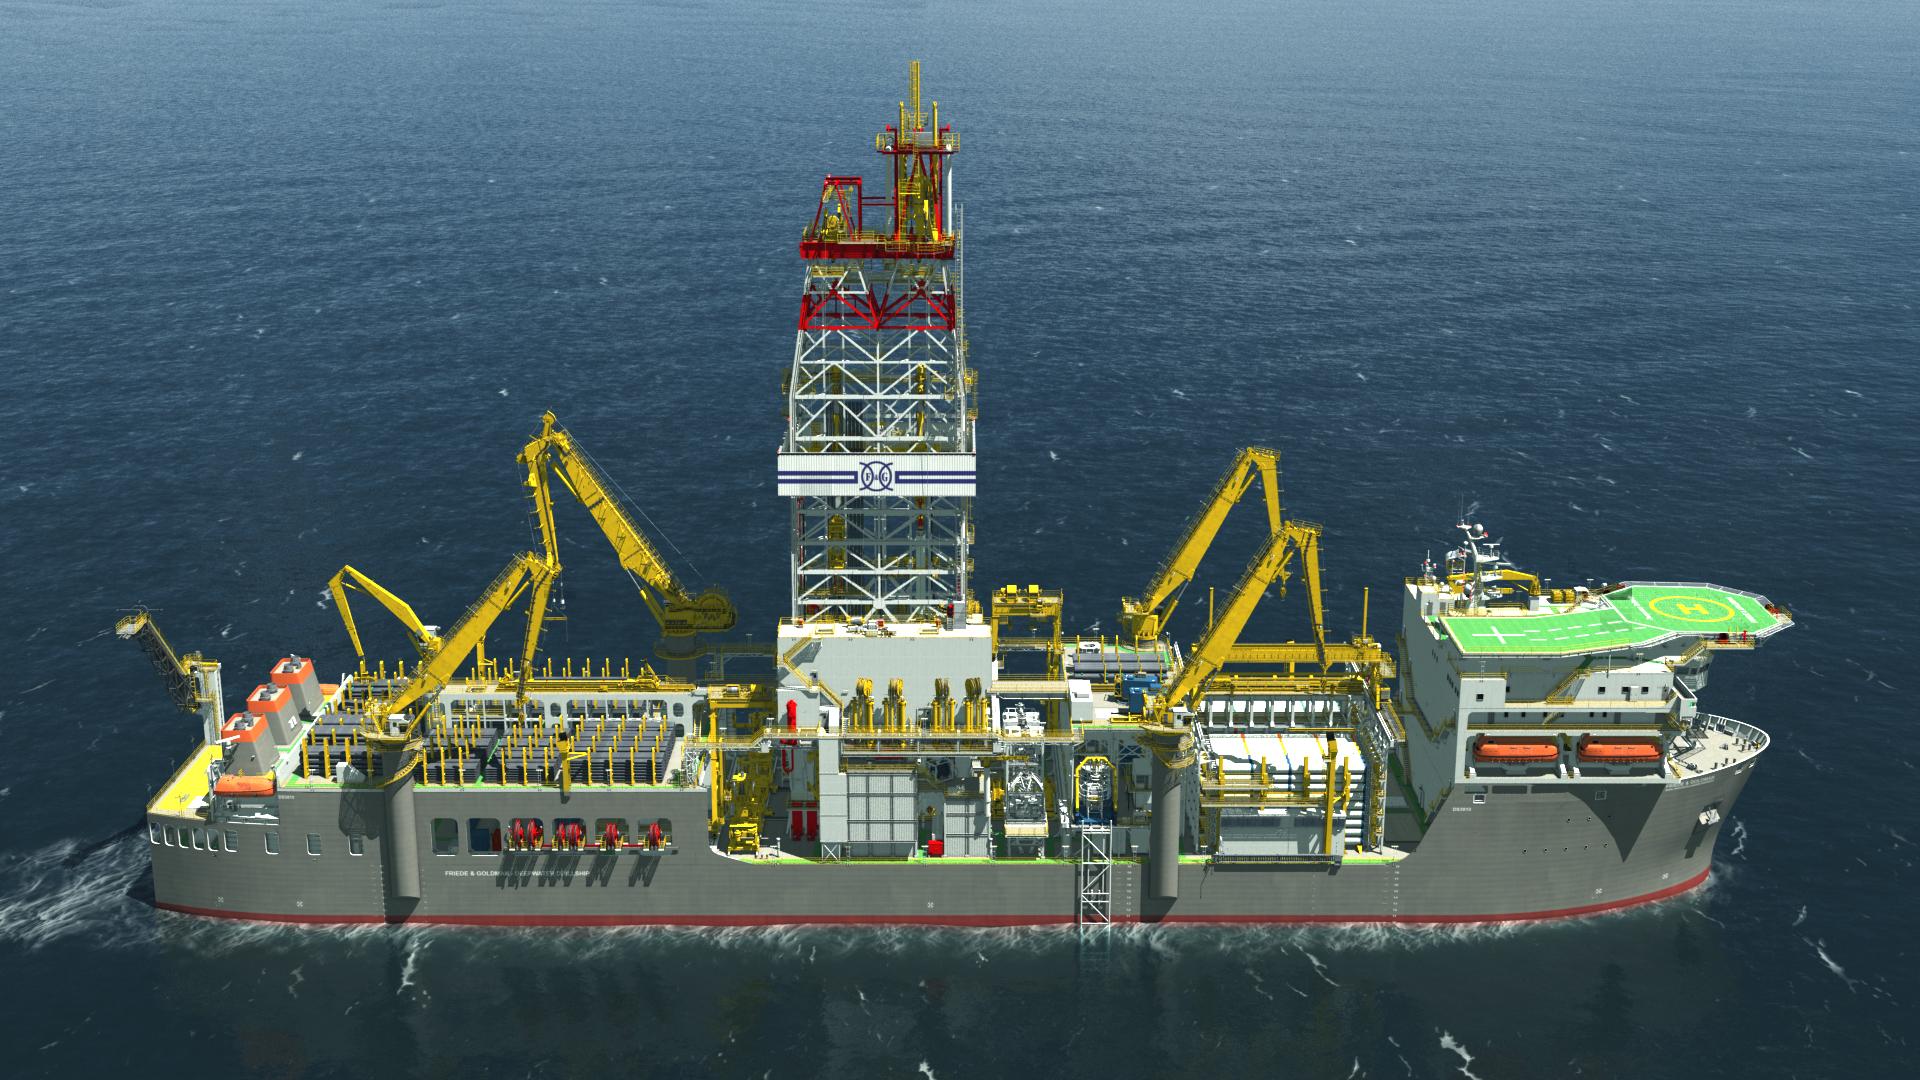 Drillship2.jpg